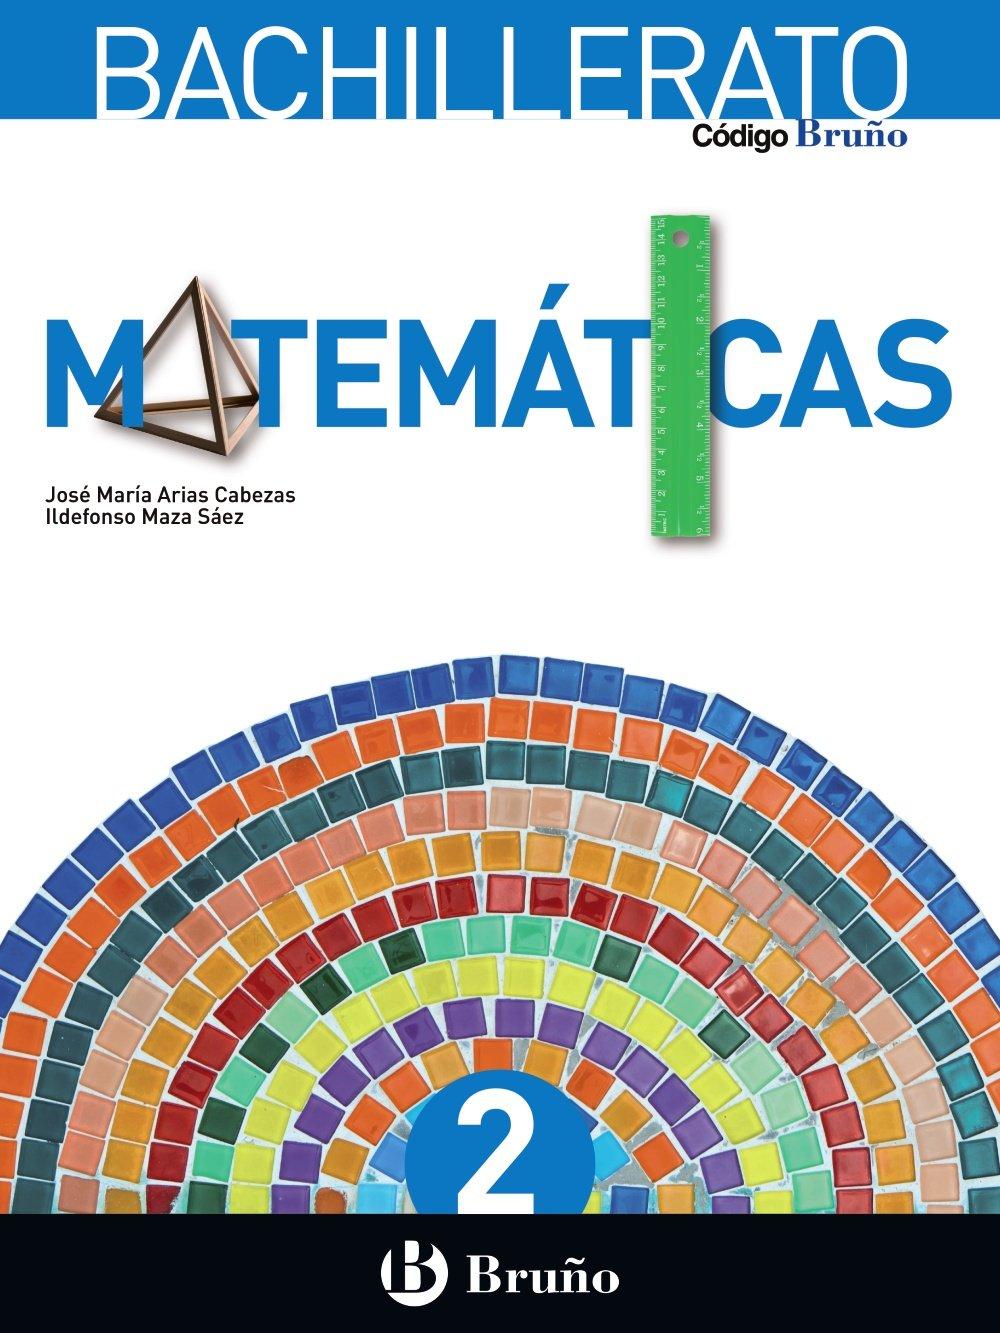 Código Bruño Matemáticas 2 Bachillerato - 9788469611555: Amazon.es: Arias Cabezas, José María, Maza Saez, Ildefonso: Libros